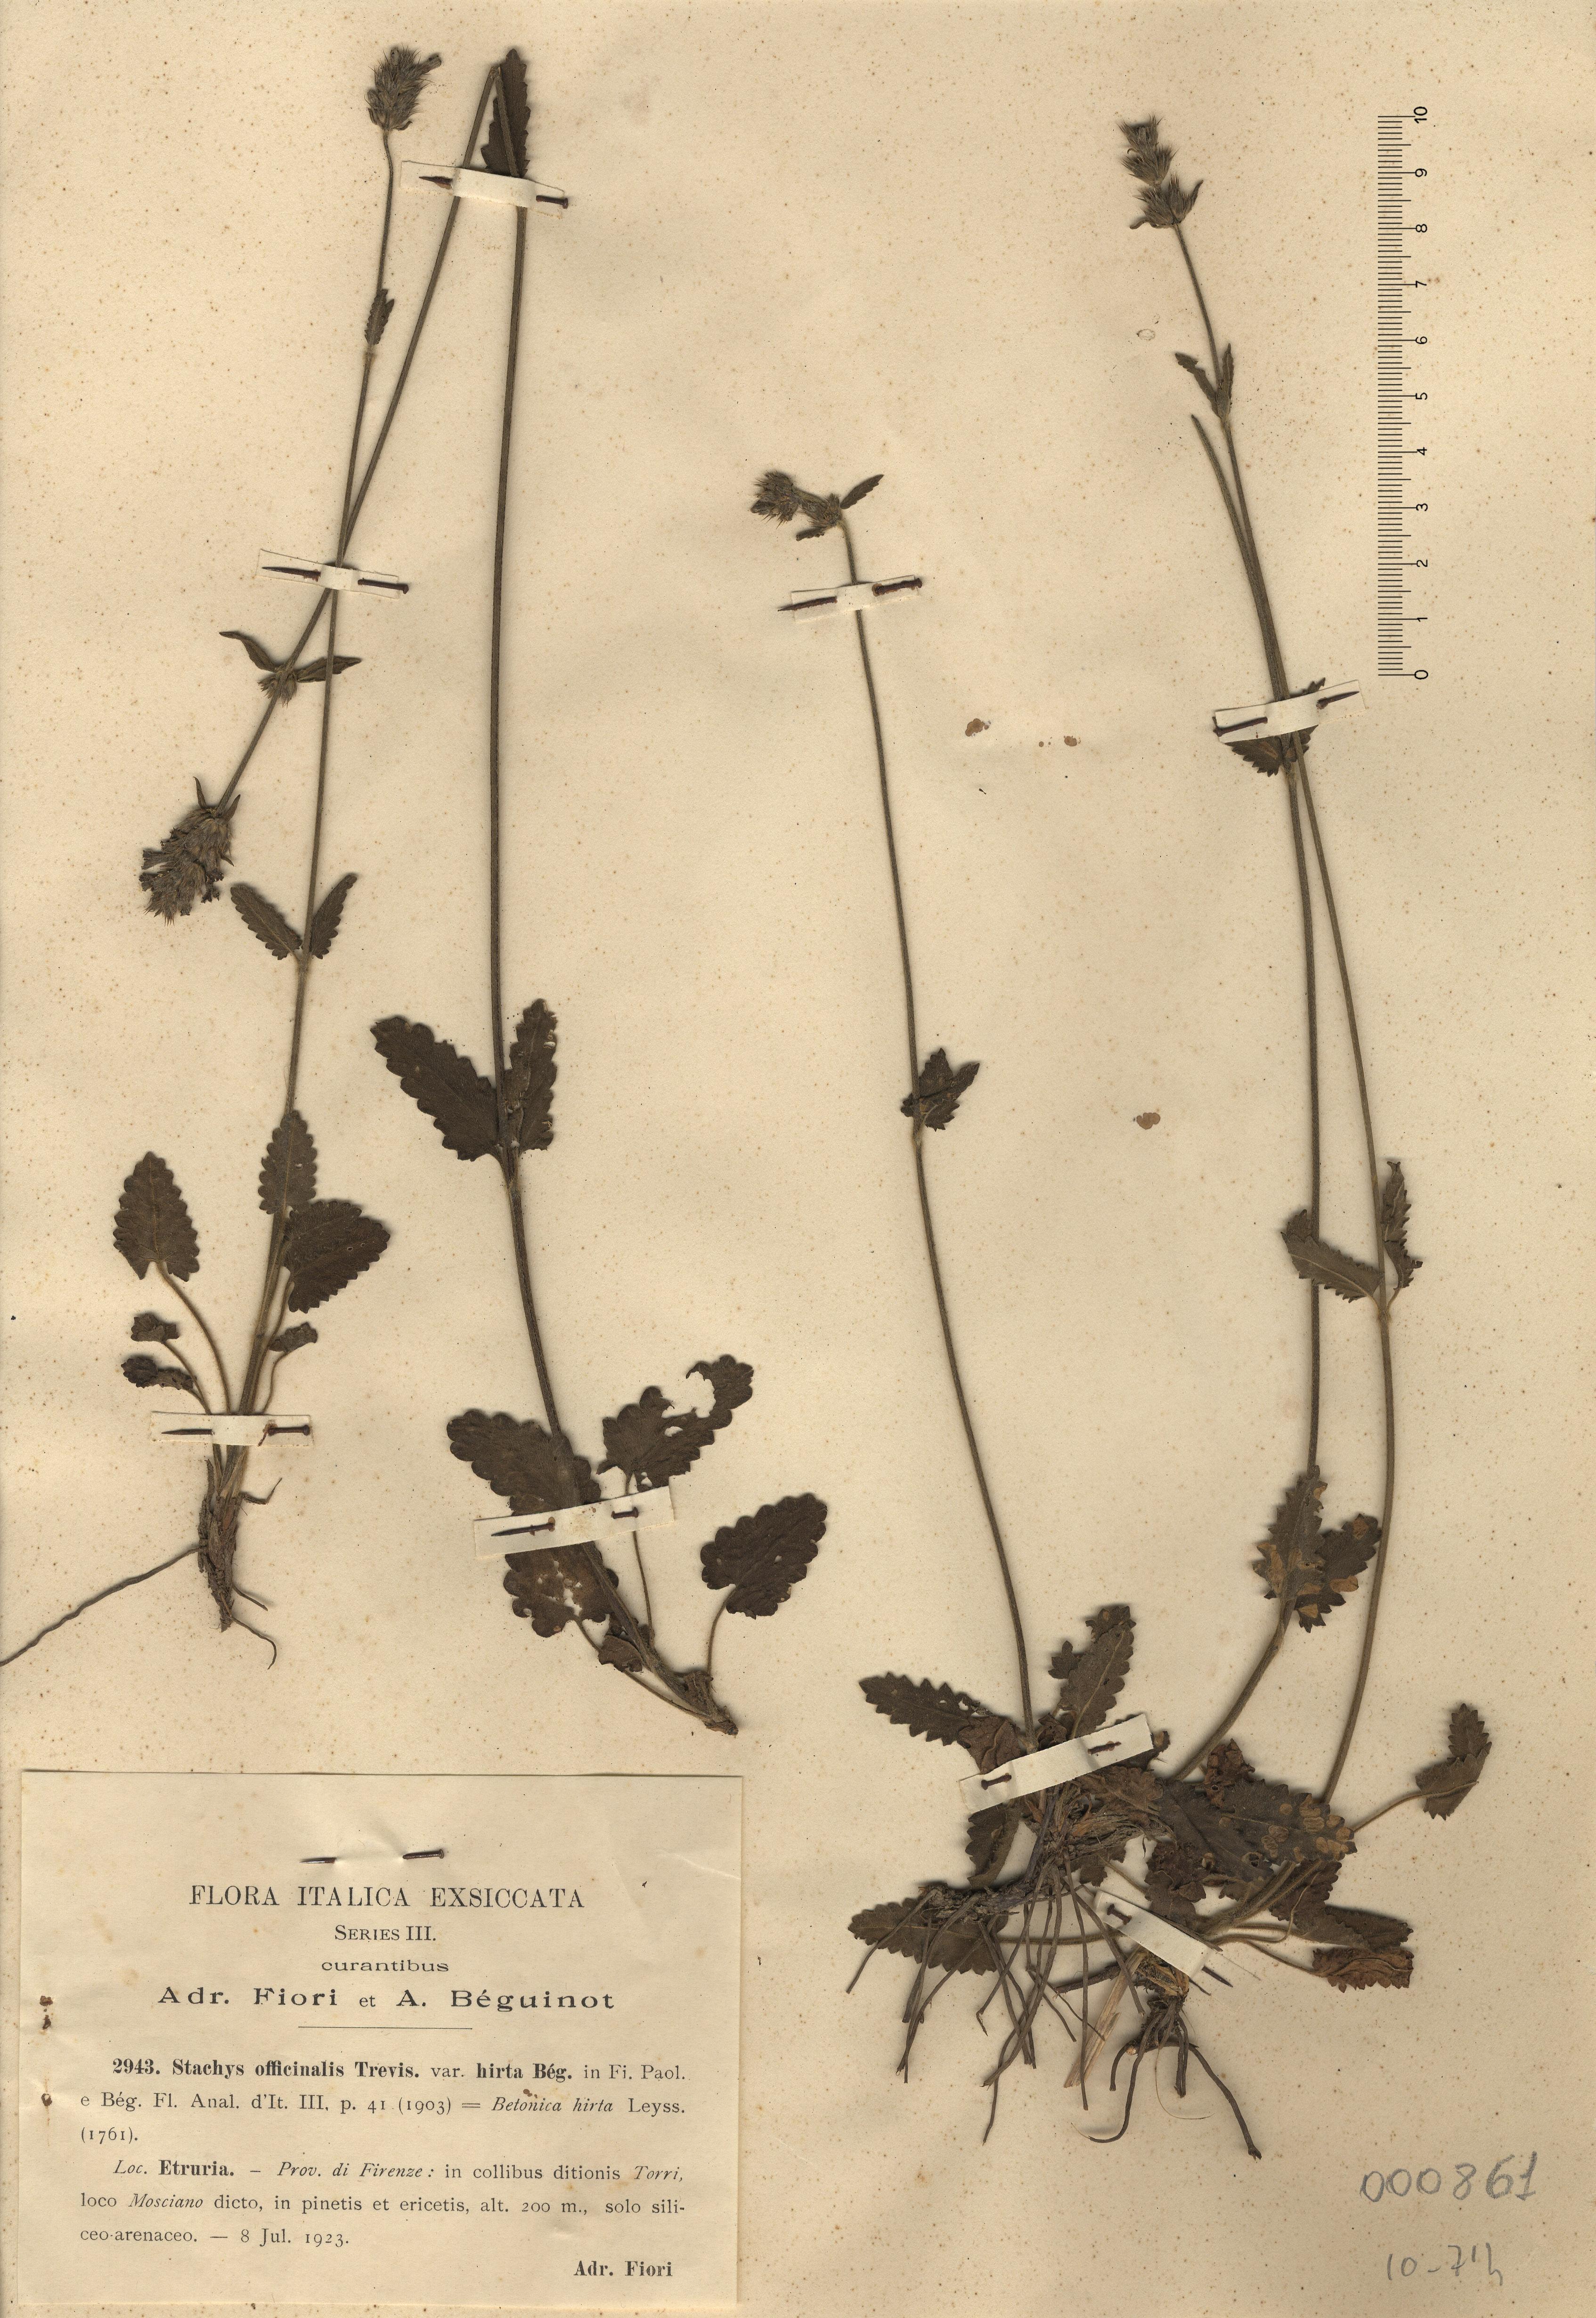 © Hortus Botanicus Catinensis - Herb. sheet 000861<br>